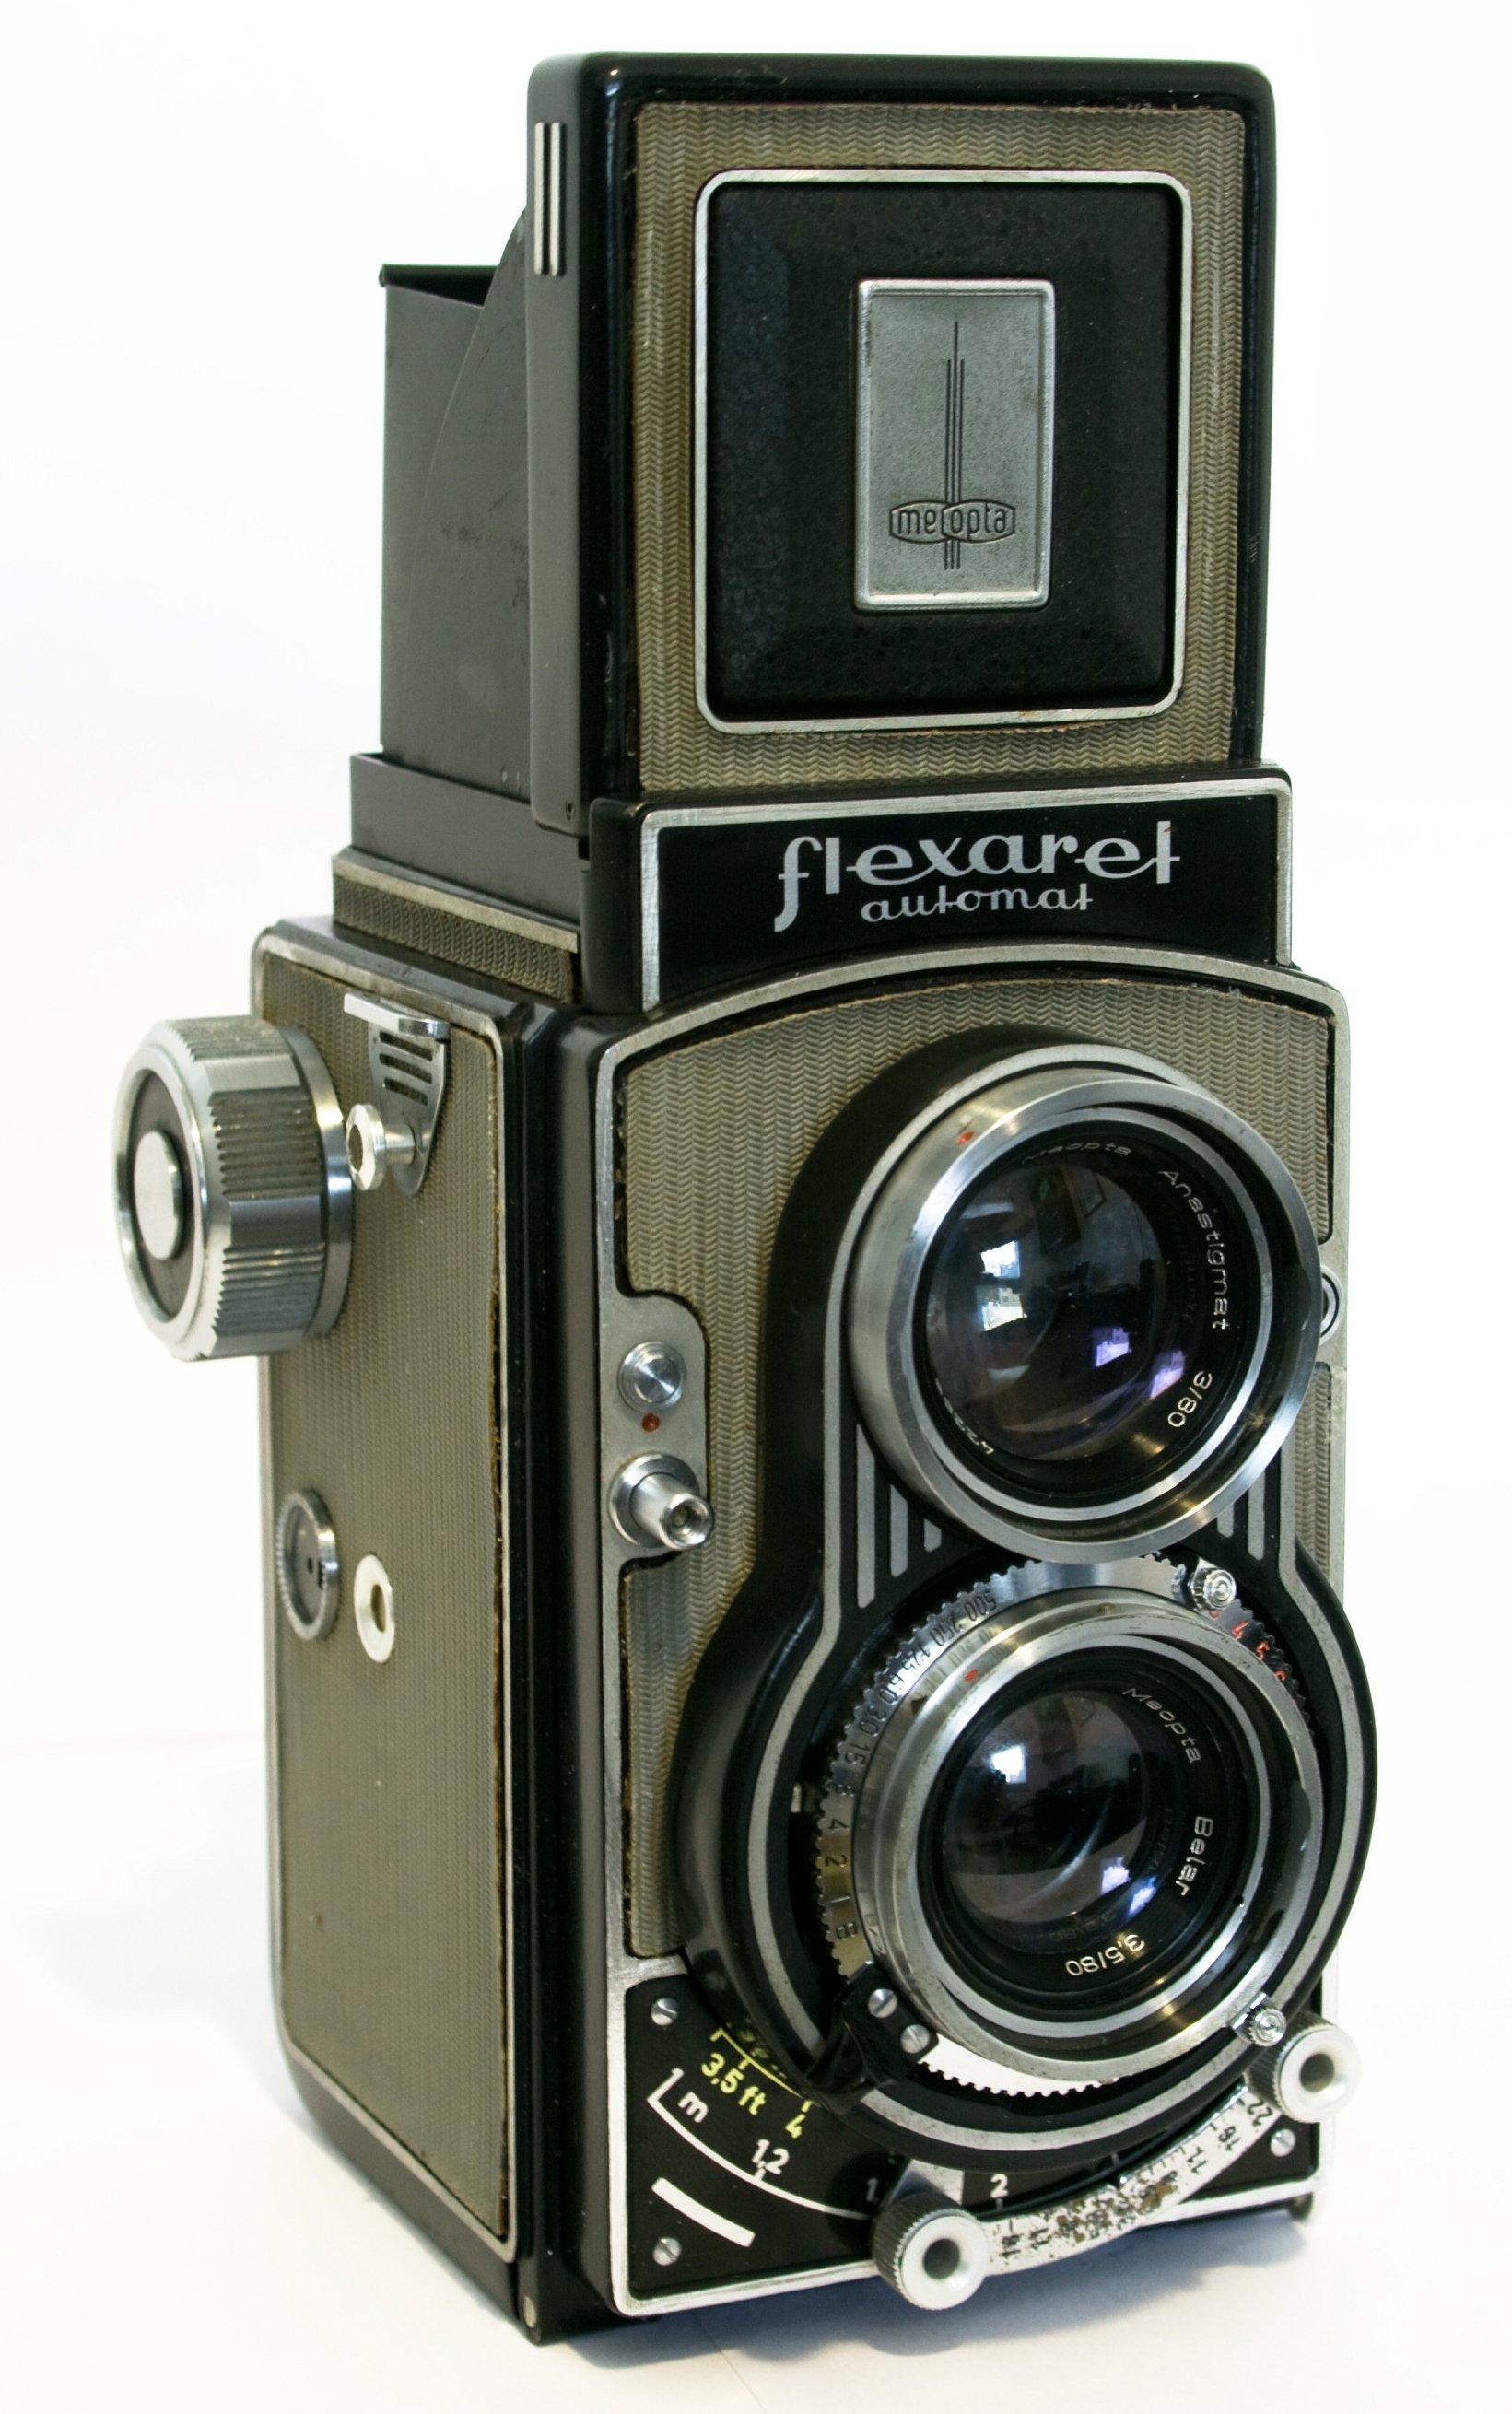 Flexaret - Wikipedia: https://en.wikipedia.org/wiki/Flexaret